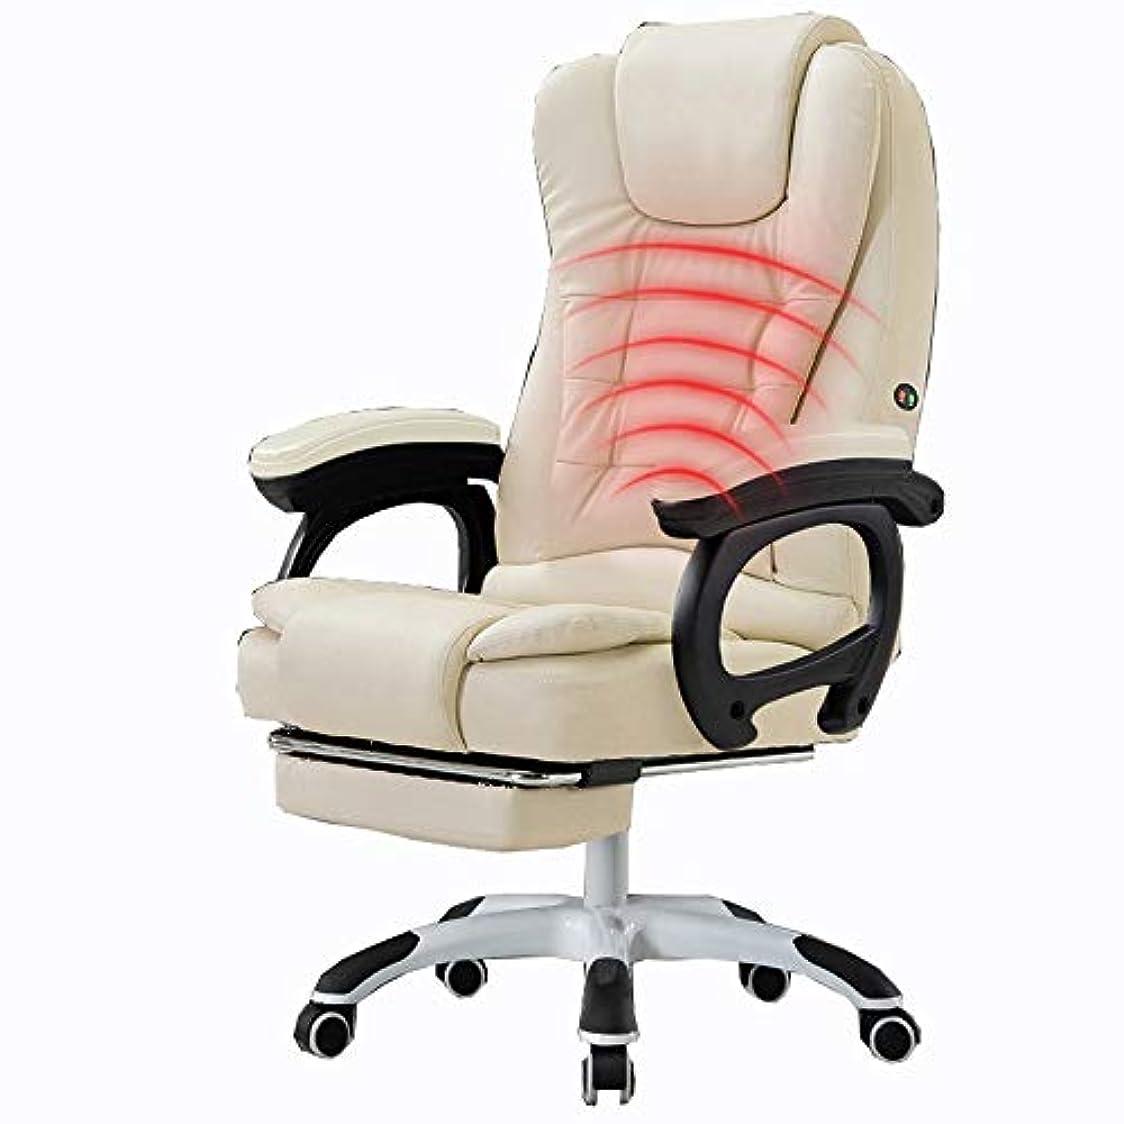 教育劇場マウントLJFYXZ 社長椅子 約160度リクライニング フットレスト 高さ昇降 肉厚クッション ウエストマッサージ レザー ビジネス デスクチェア ベアリング重量150kg (Color : Beige)